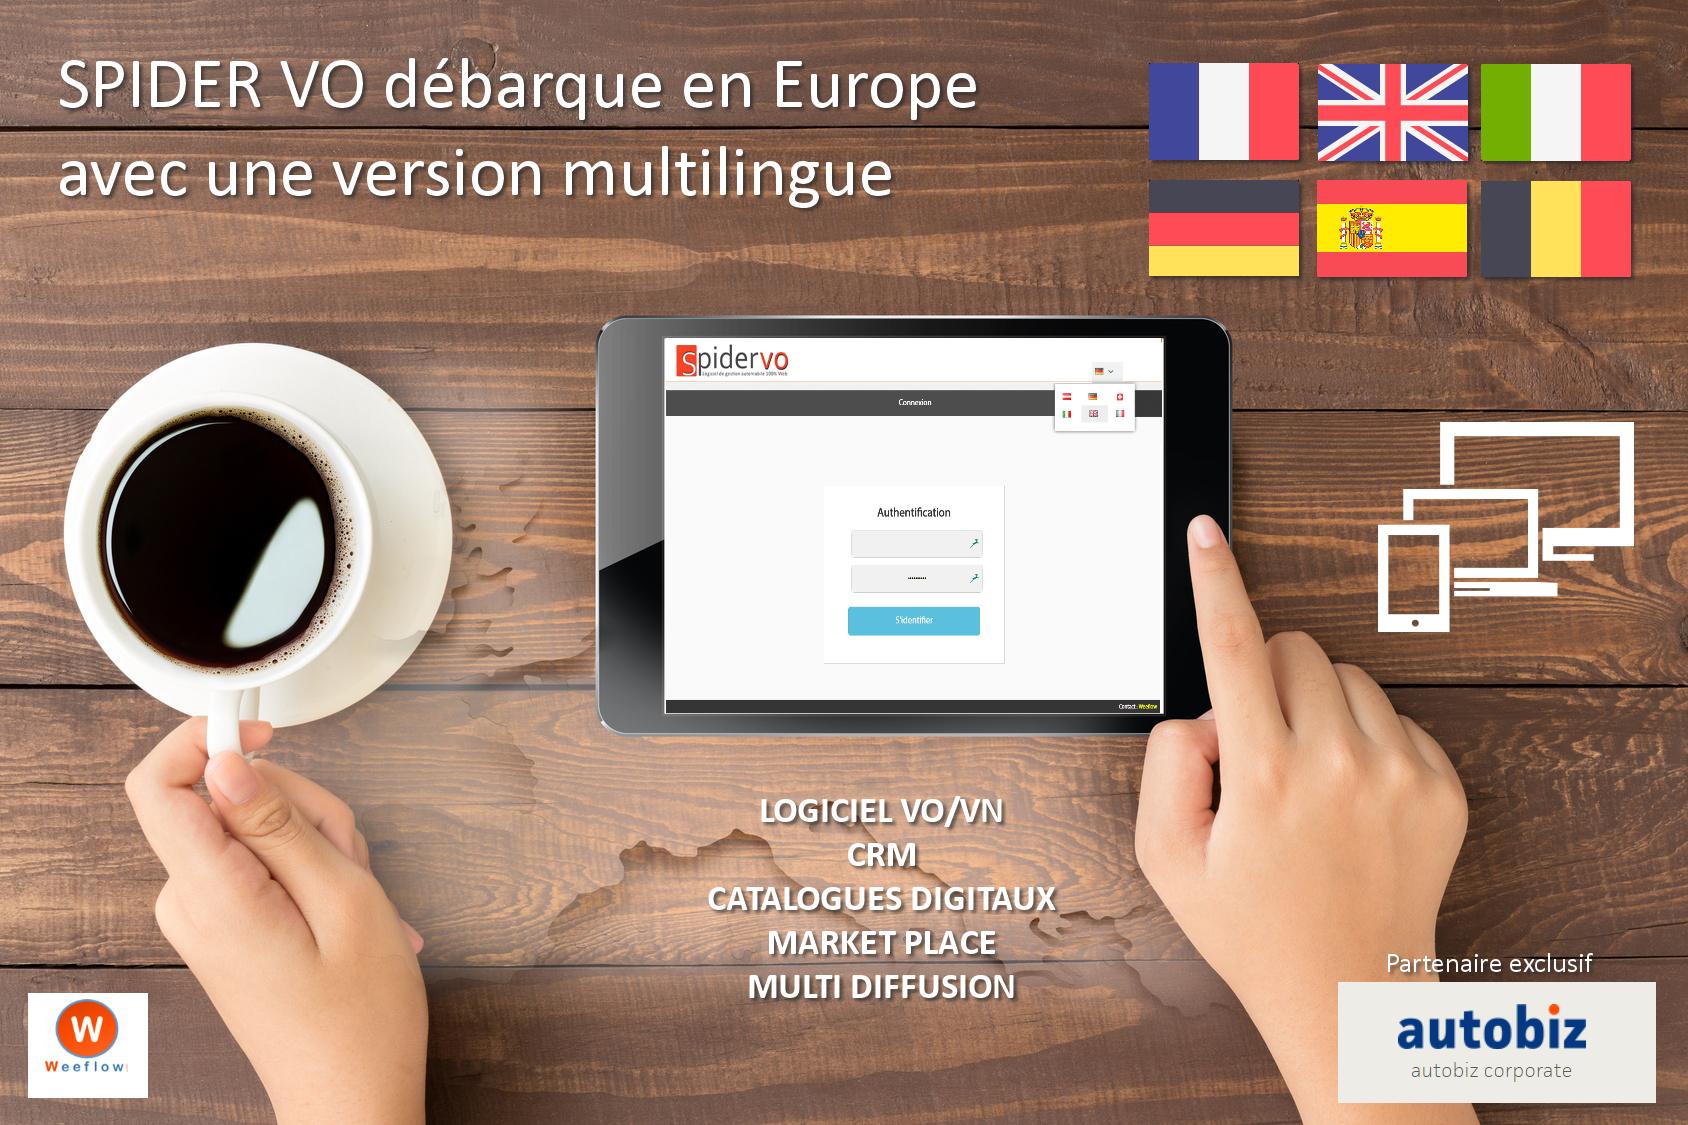 SPIDER VO débarque en Europe avec une version multilingue !